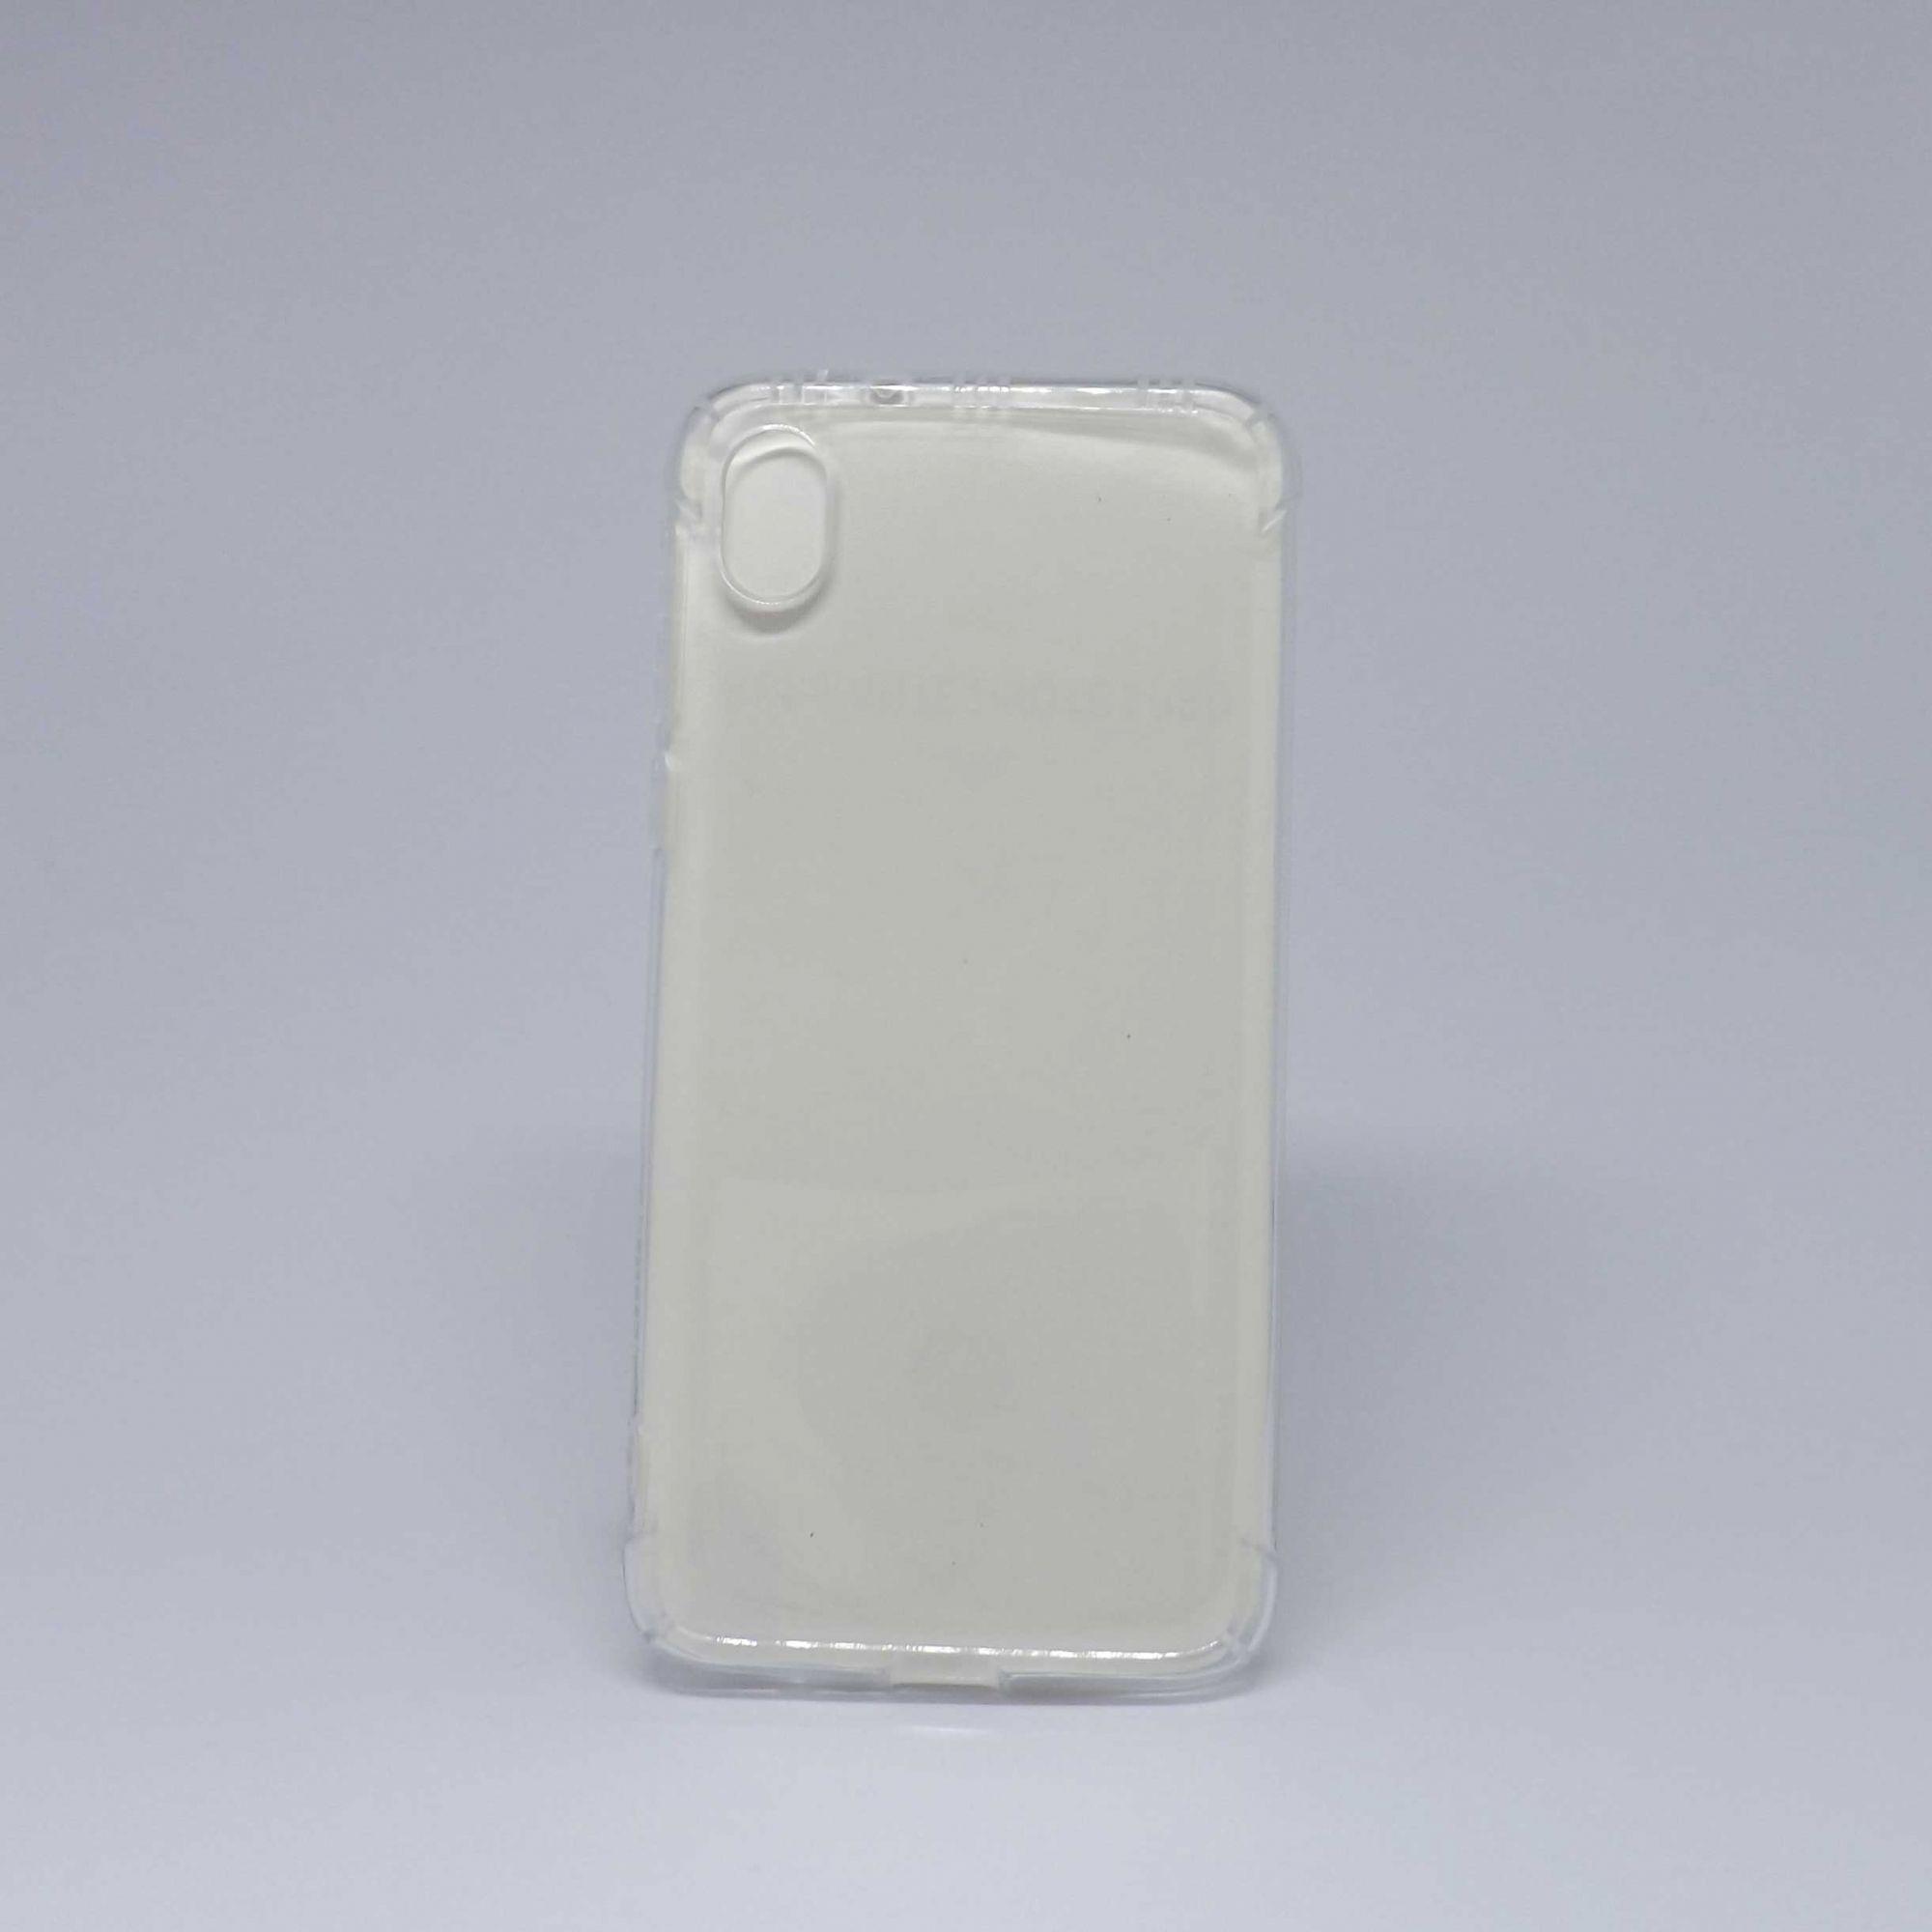 Capa Motorola E6 Antiqueda Transparente